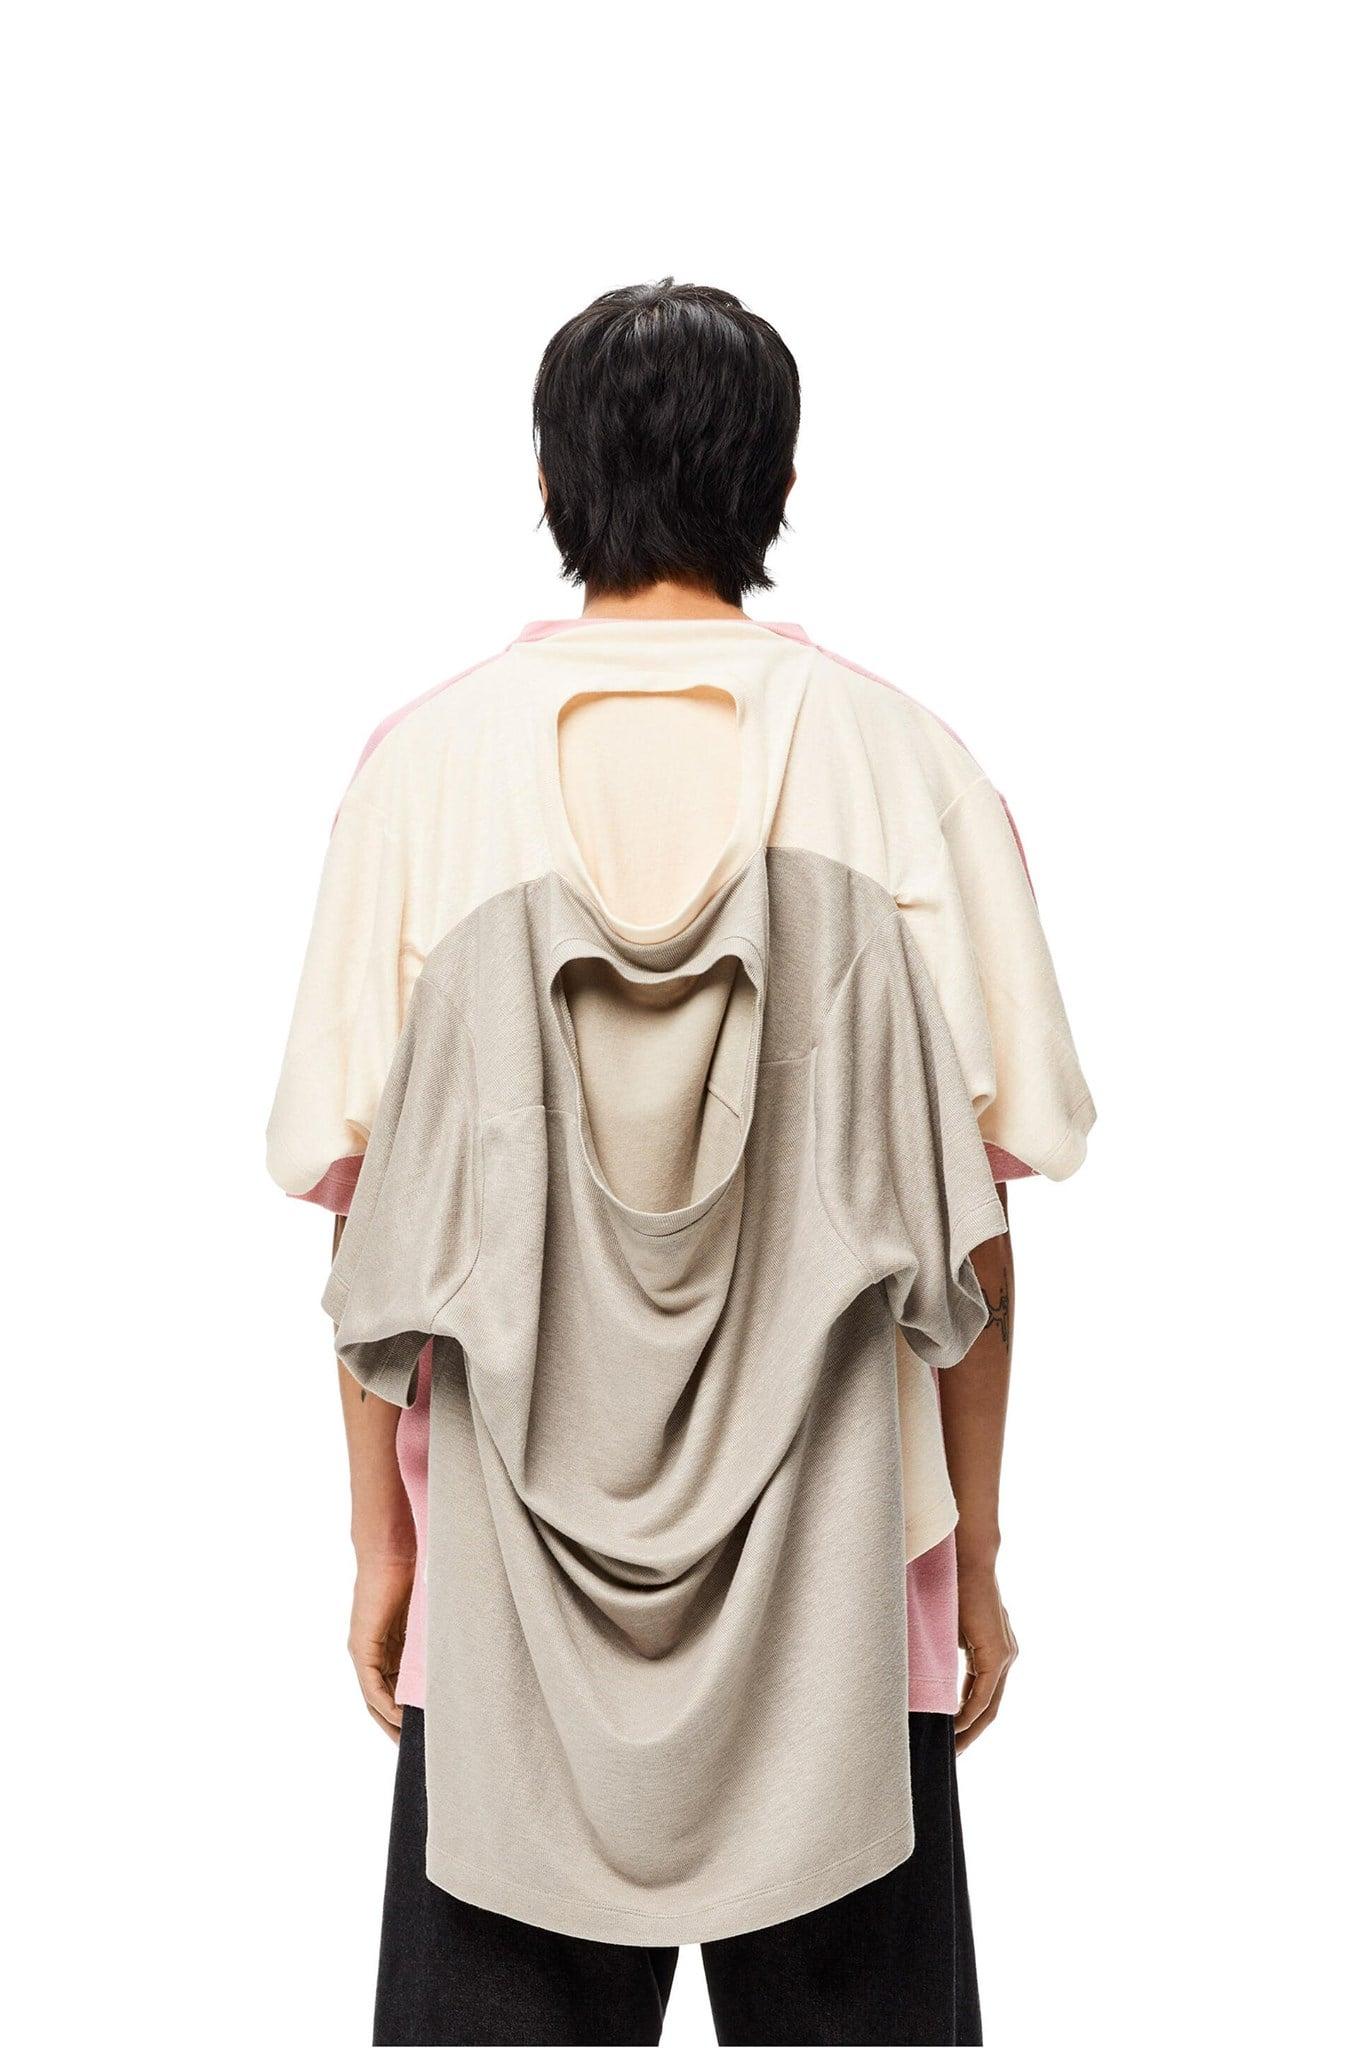 Không ít người cho rằng họ sẽ không bỏ đến 33 triệu đồng để sở hữu mẫu áo thun trông rất kỳ cục. Thậm chí nếu muốn, tín đồ thời trang cũng có thể... sắm 3 chiếc T-shirt bình dân rồi dùng keo... dán vào với nhau.